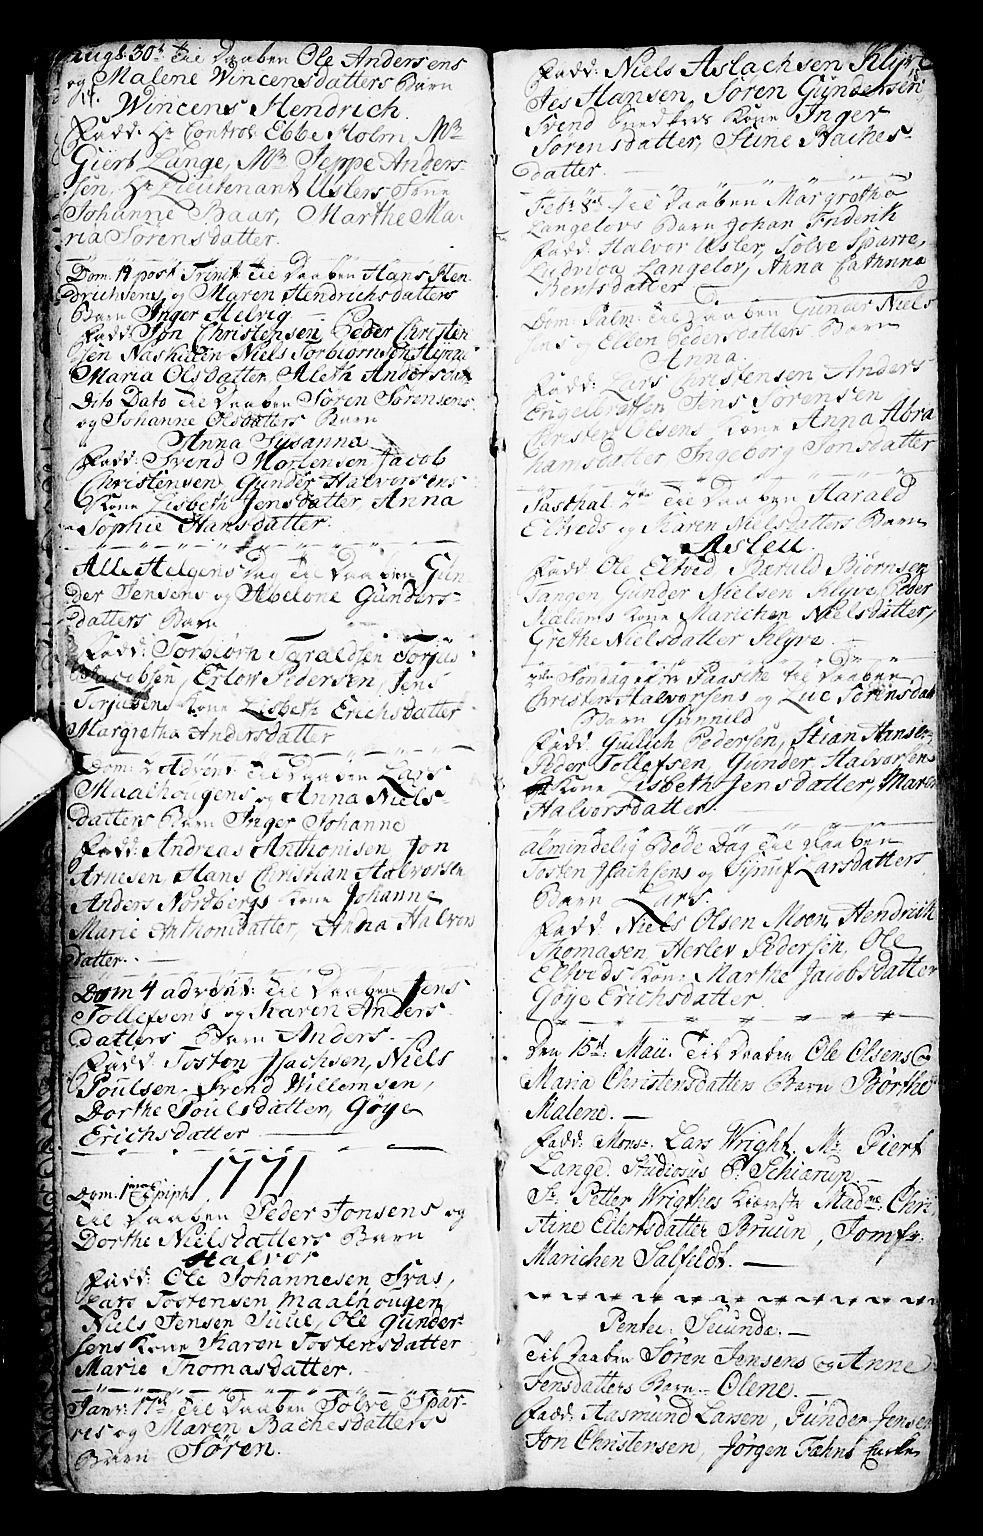 SAKO, Porsgrunn kirkebøker , G/Ga/L0001: Klokkerbok nr. I 1, 1766-1790, s. 14-15